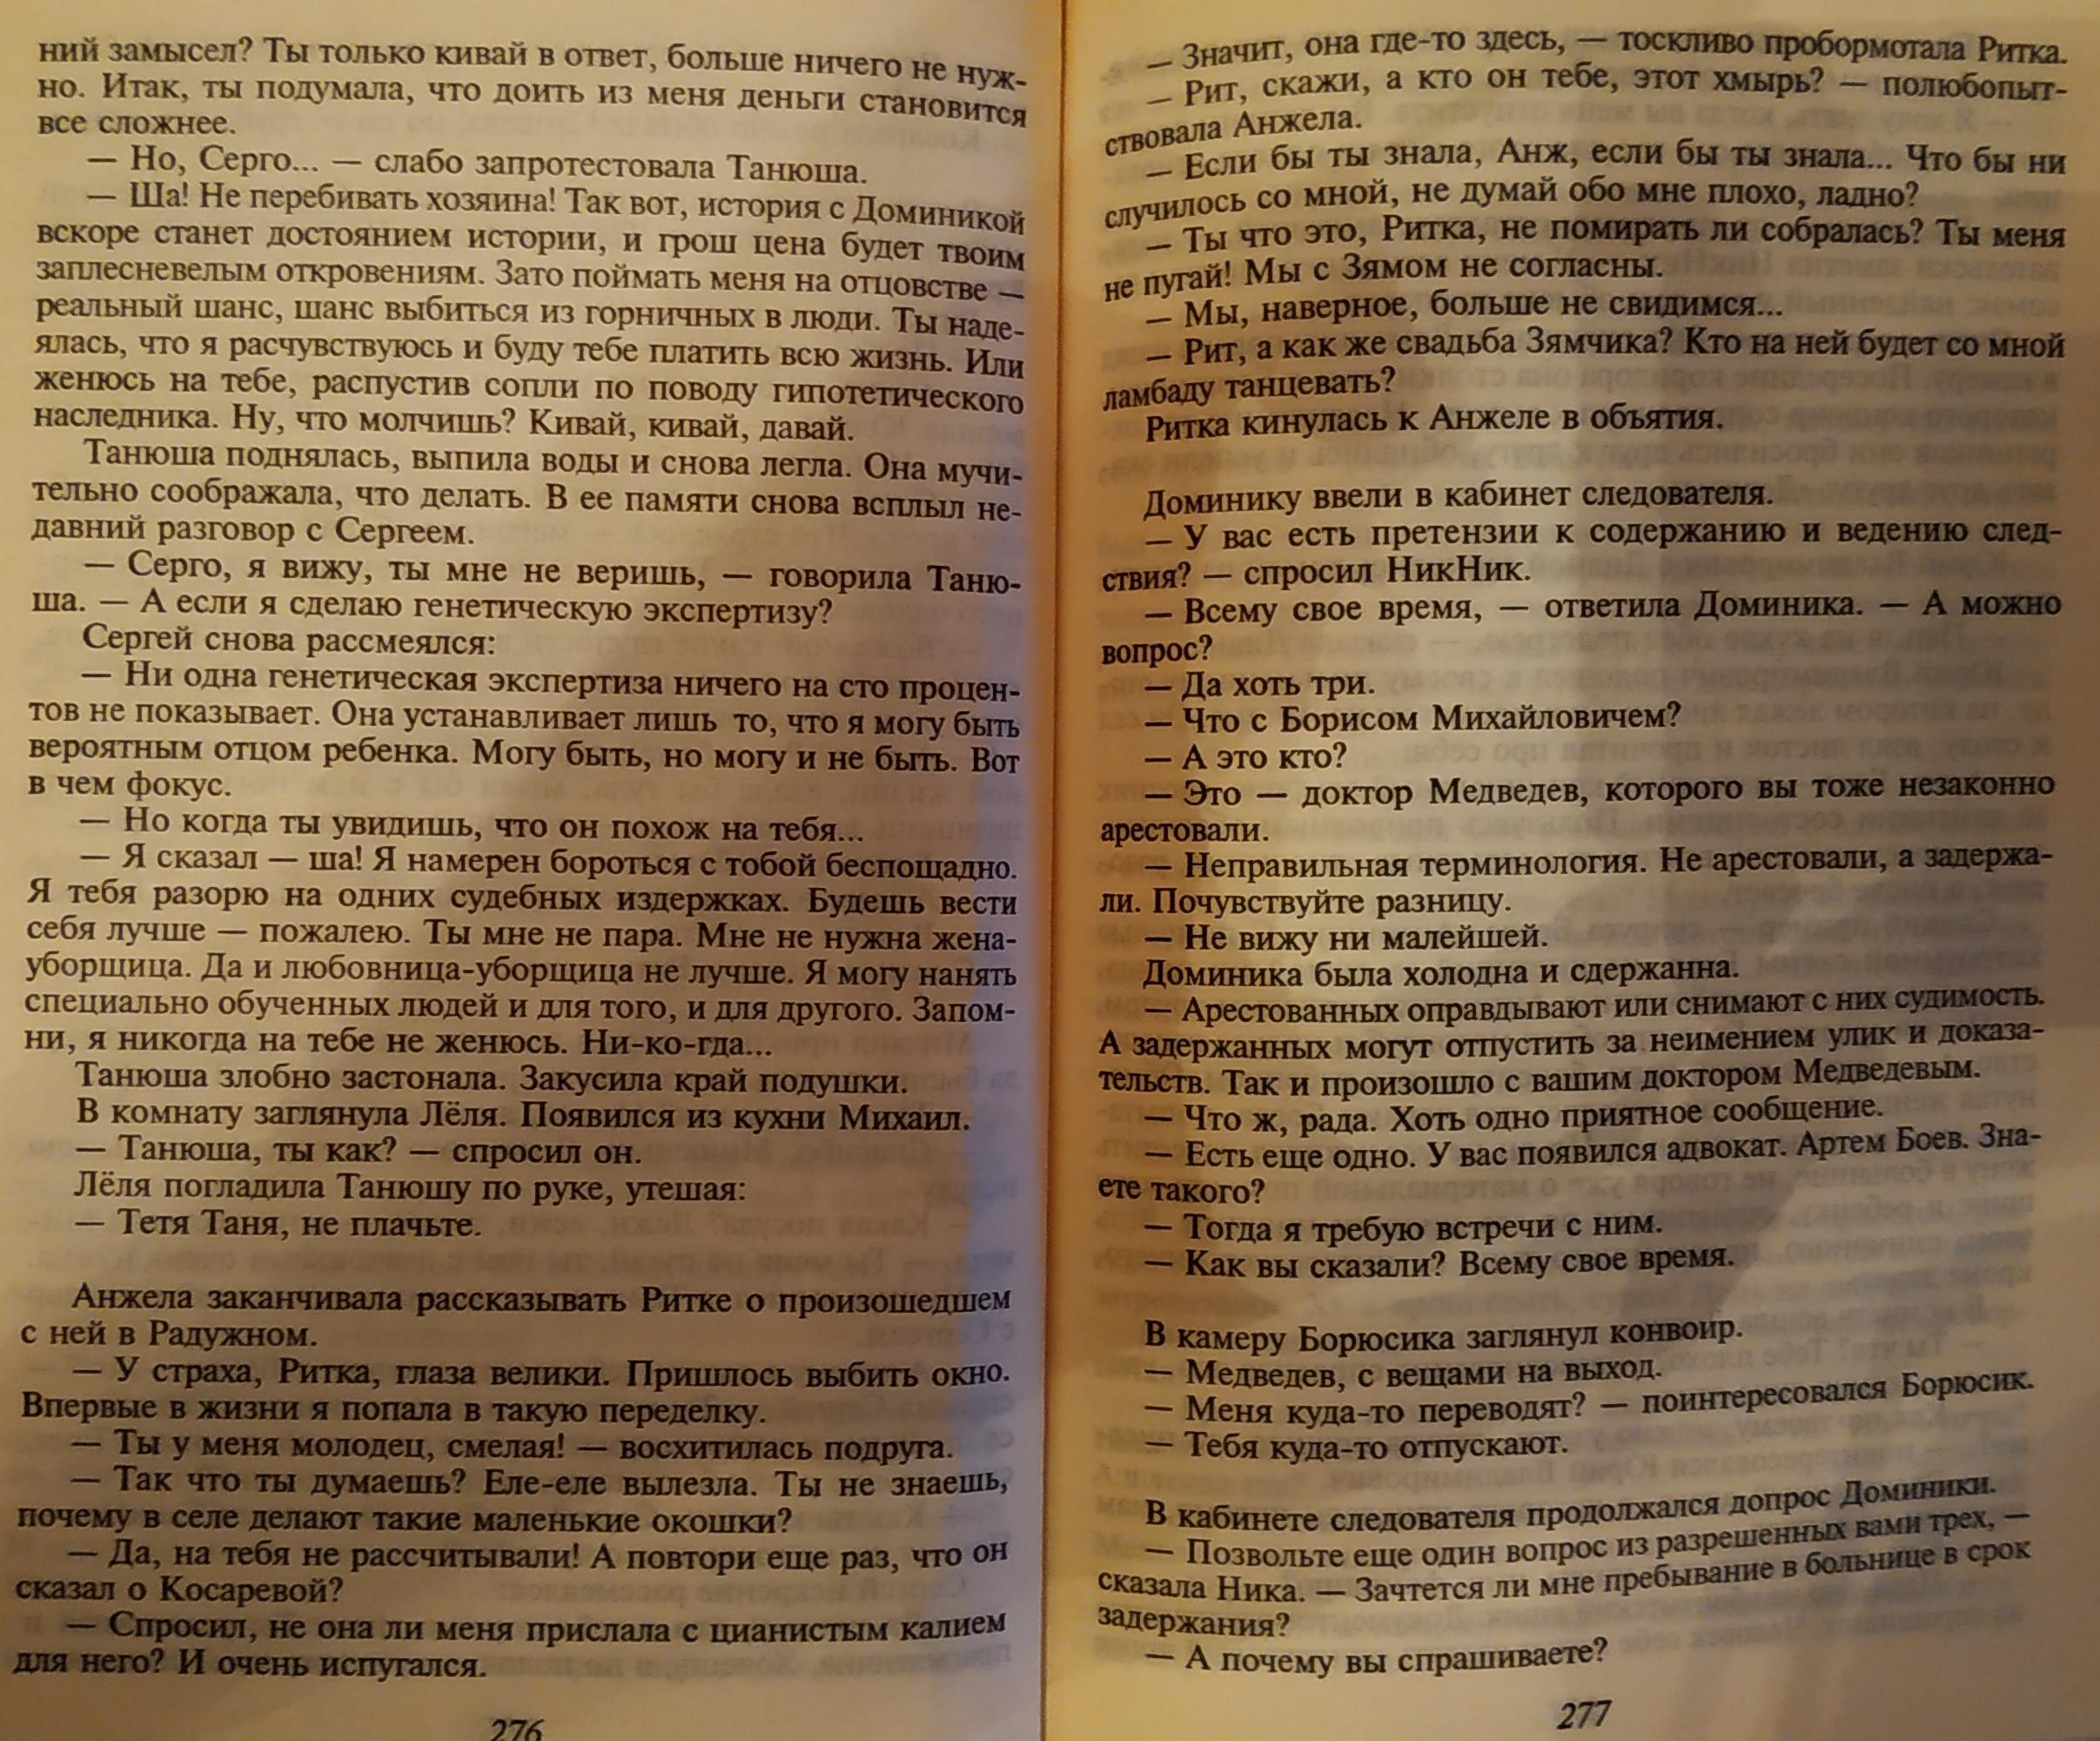 http://sh.uploads.ru/N2vEP.jpg